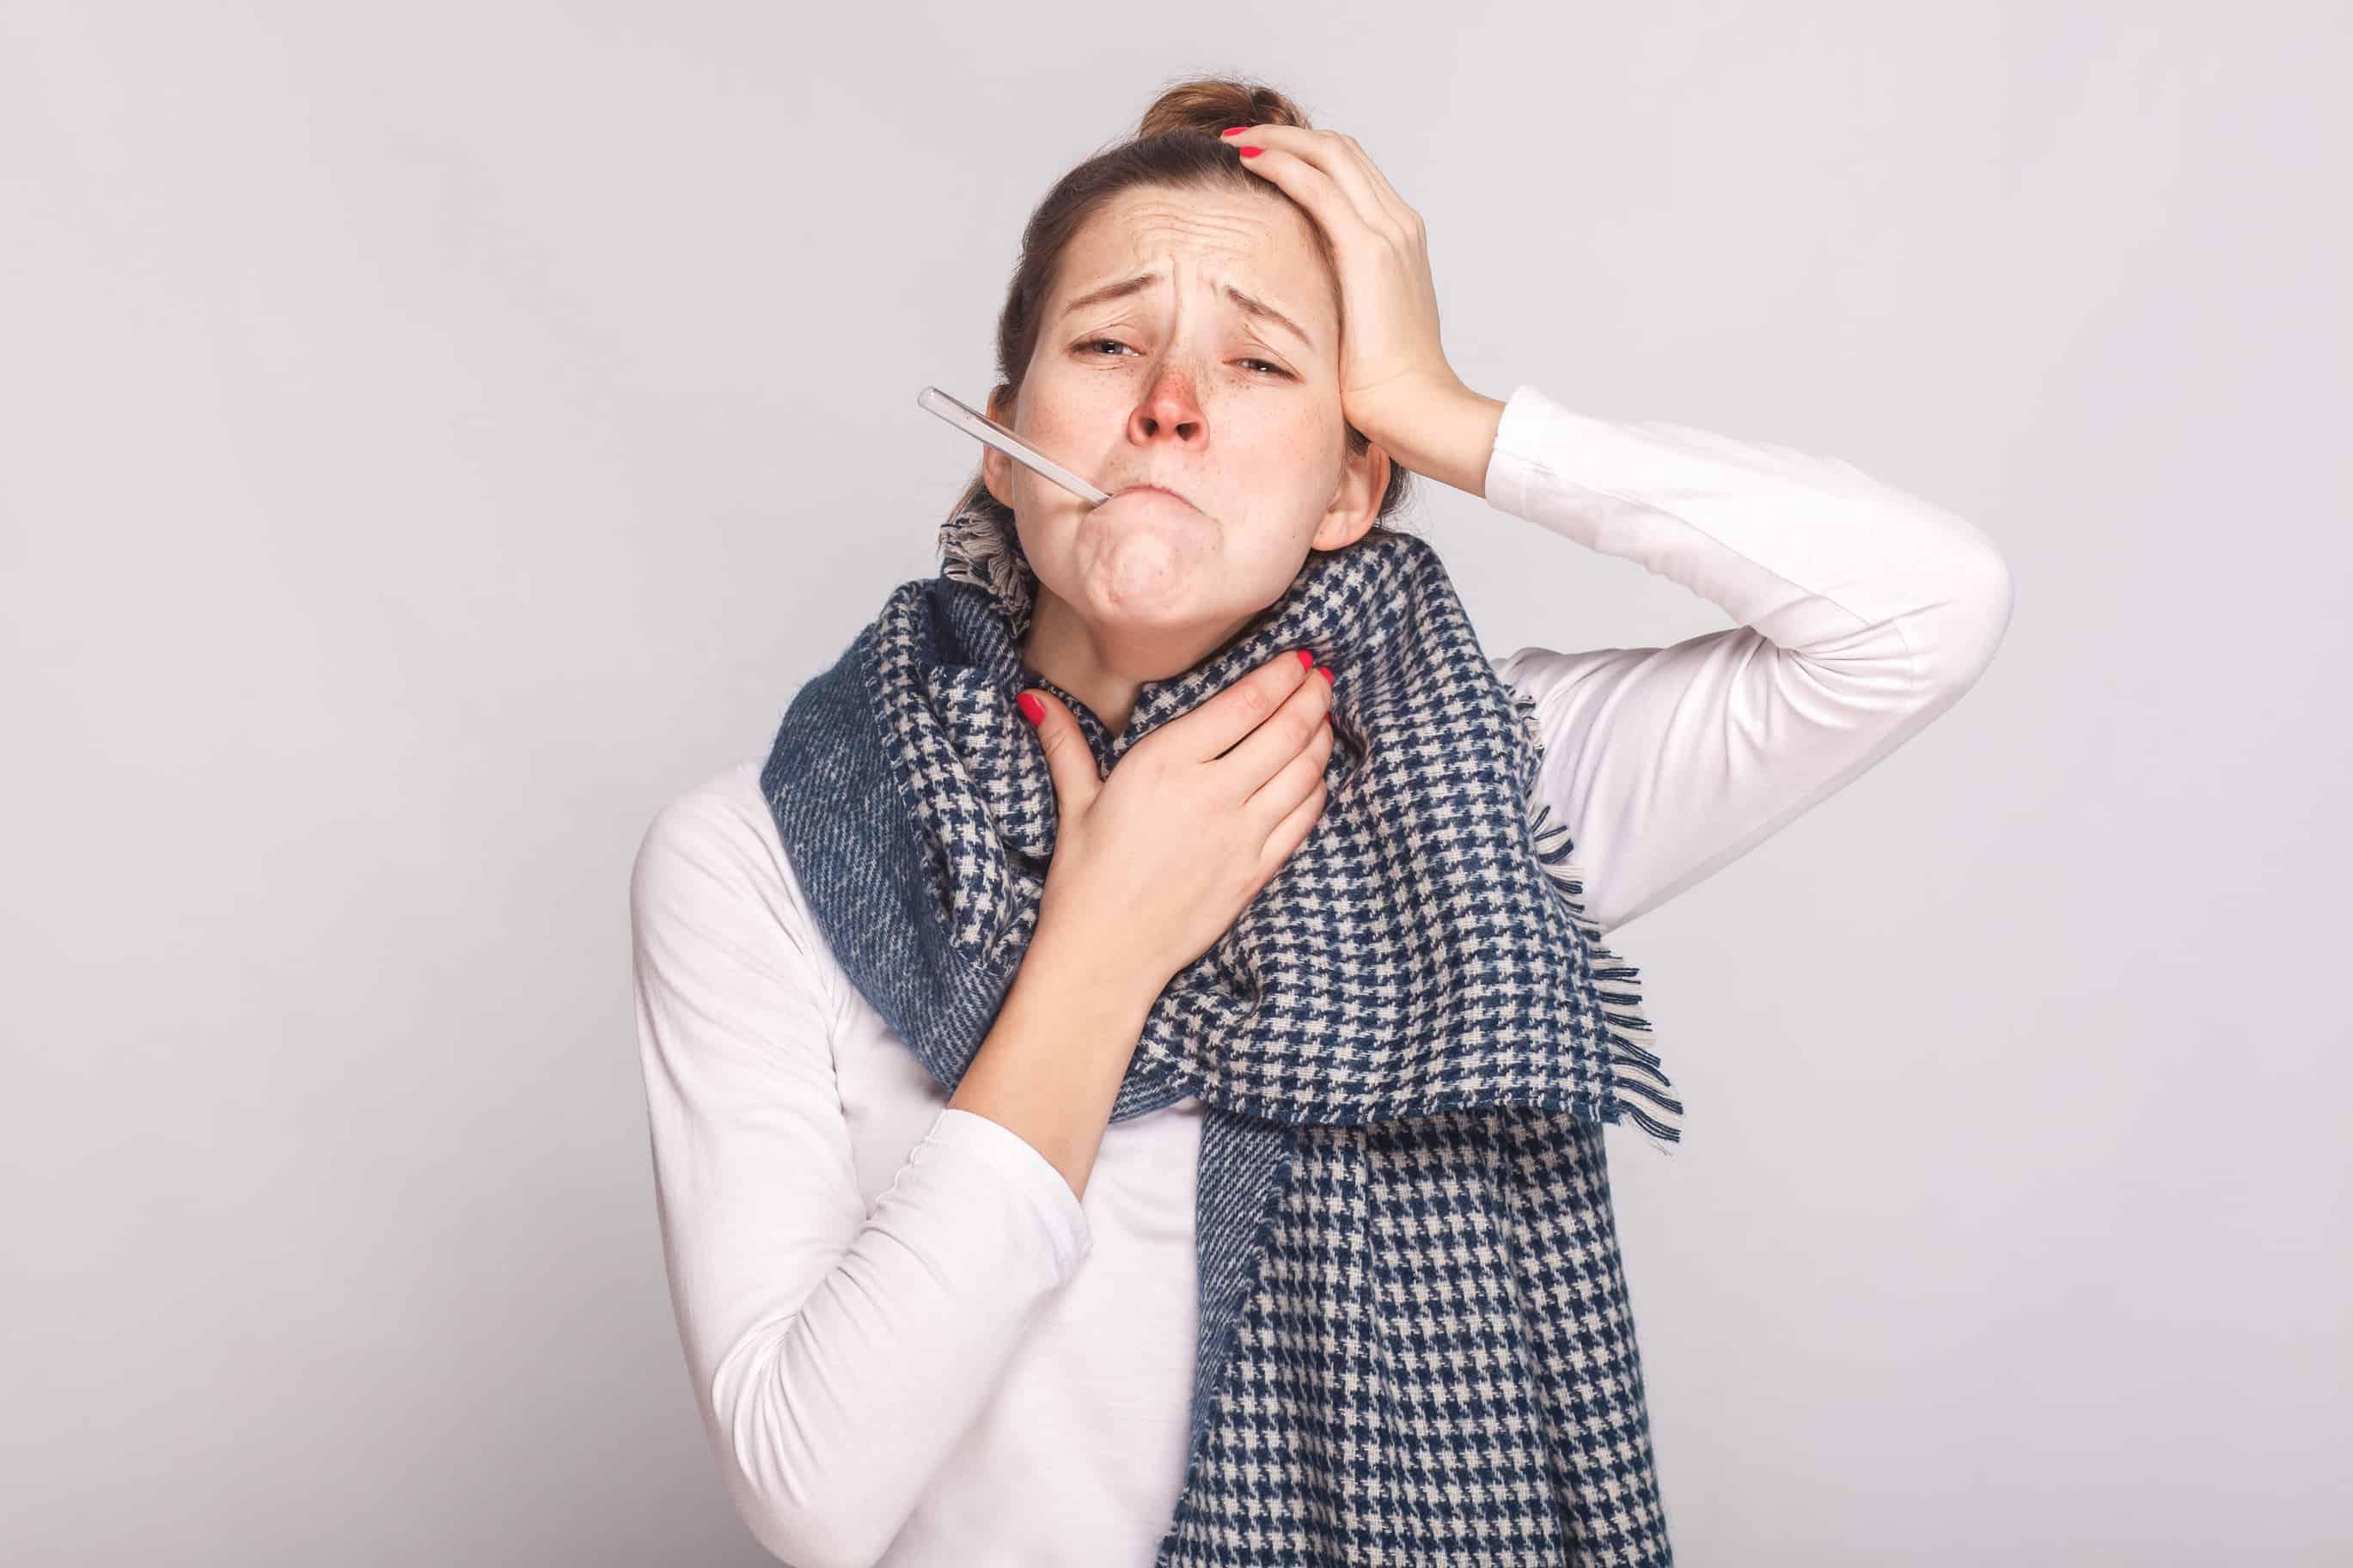 У ребенка болит голова и горло без температуры